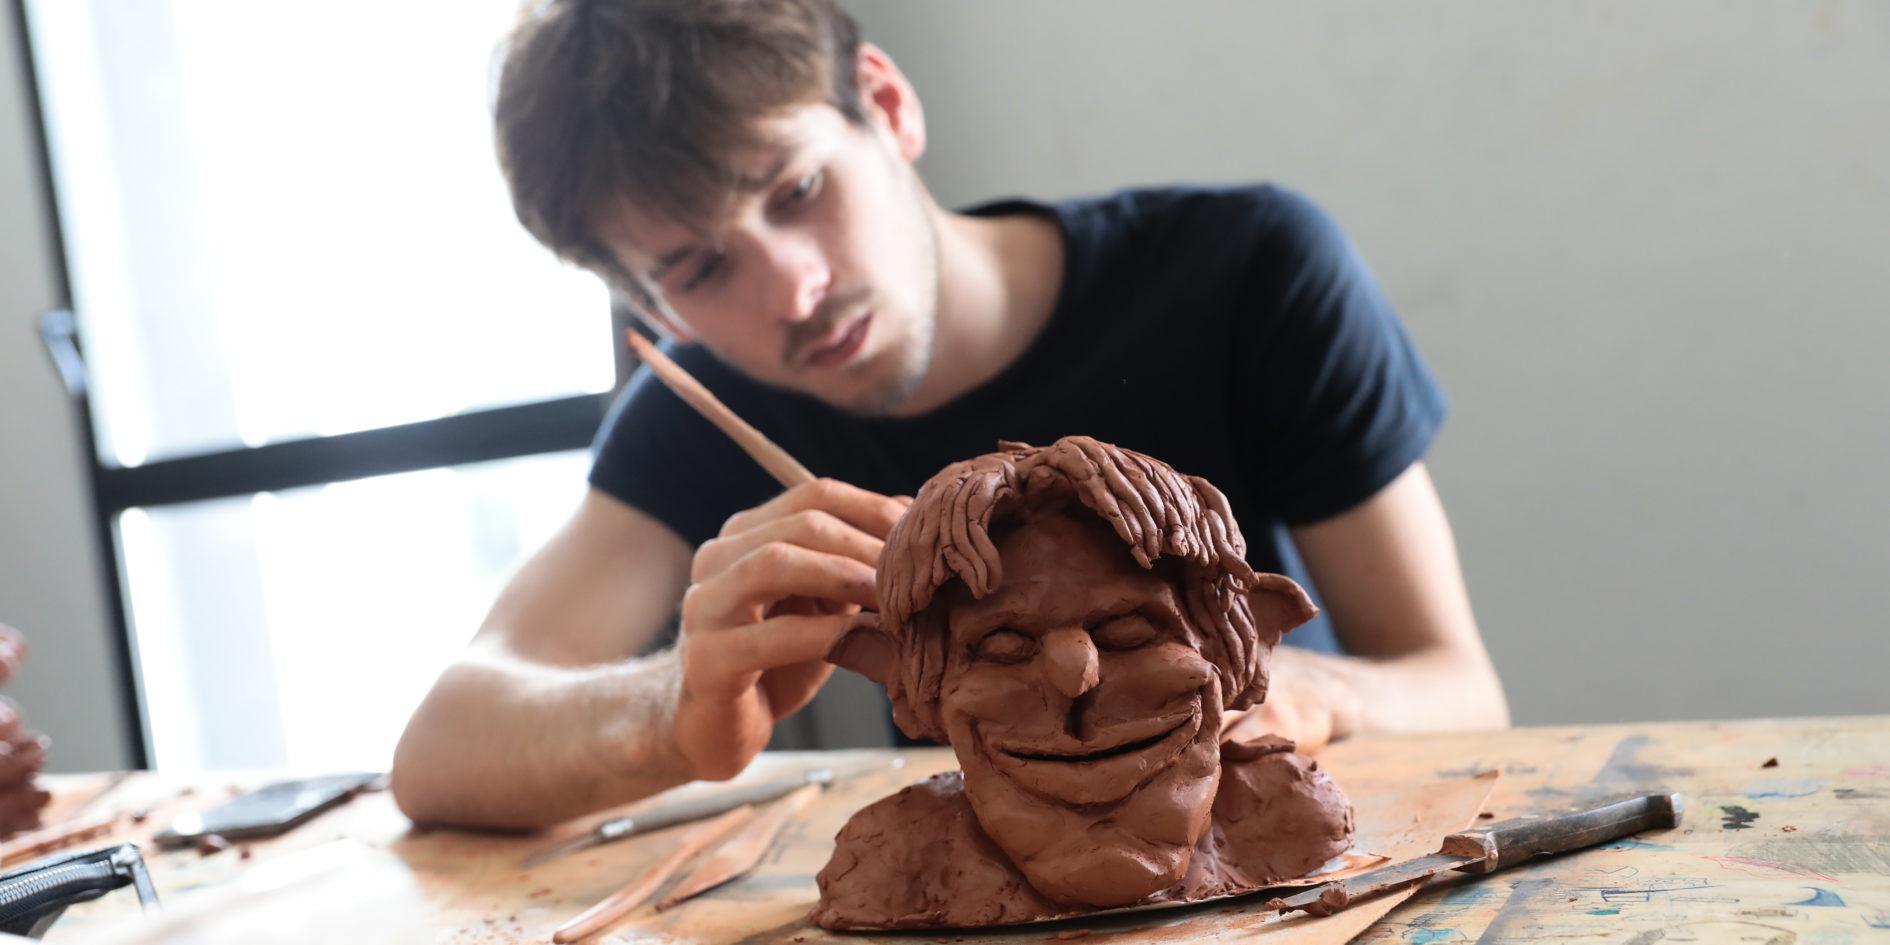 Etudiant en atelier sculpture ESMA Toulouse